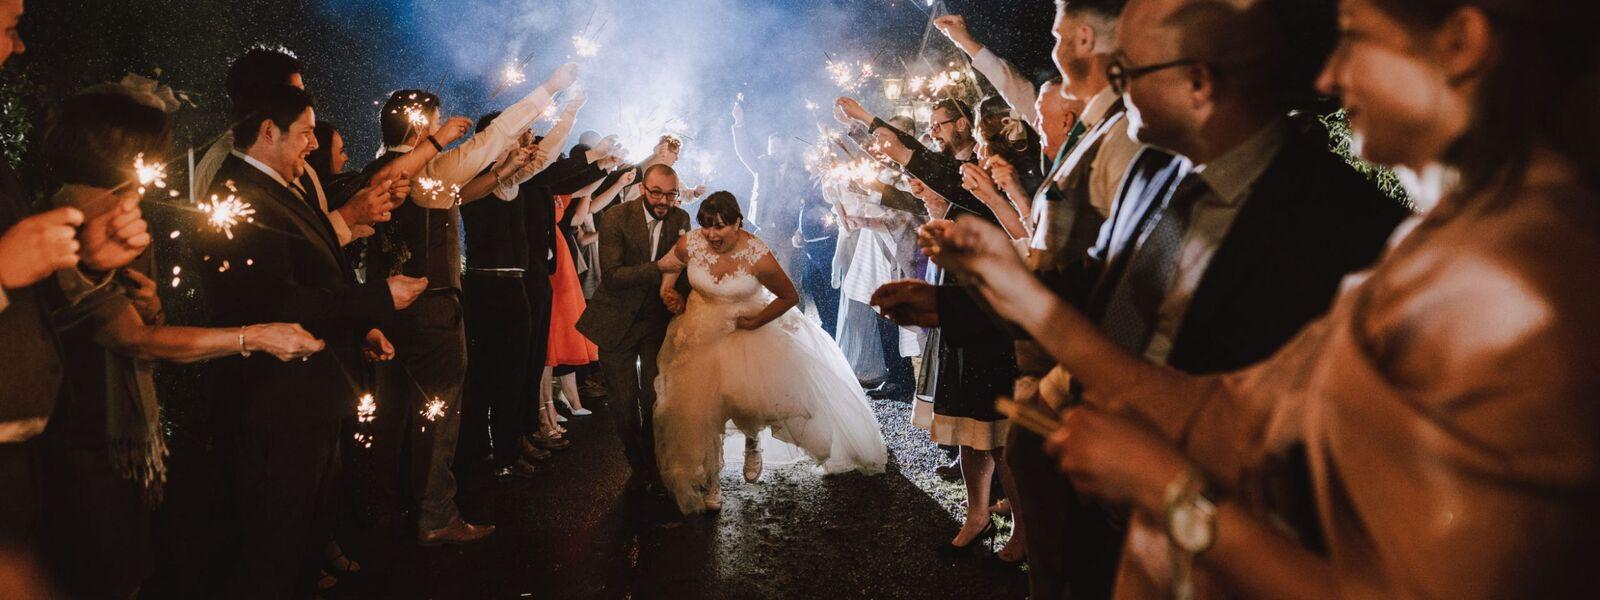 pencoed house estate wedding day